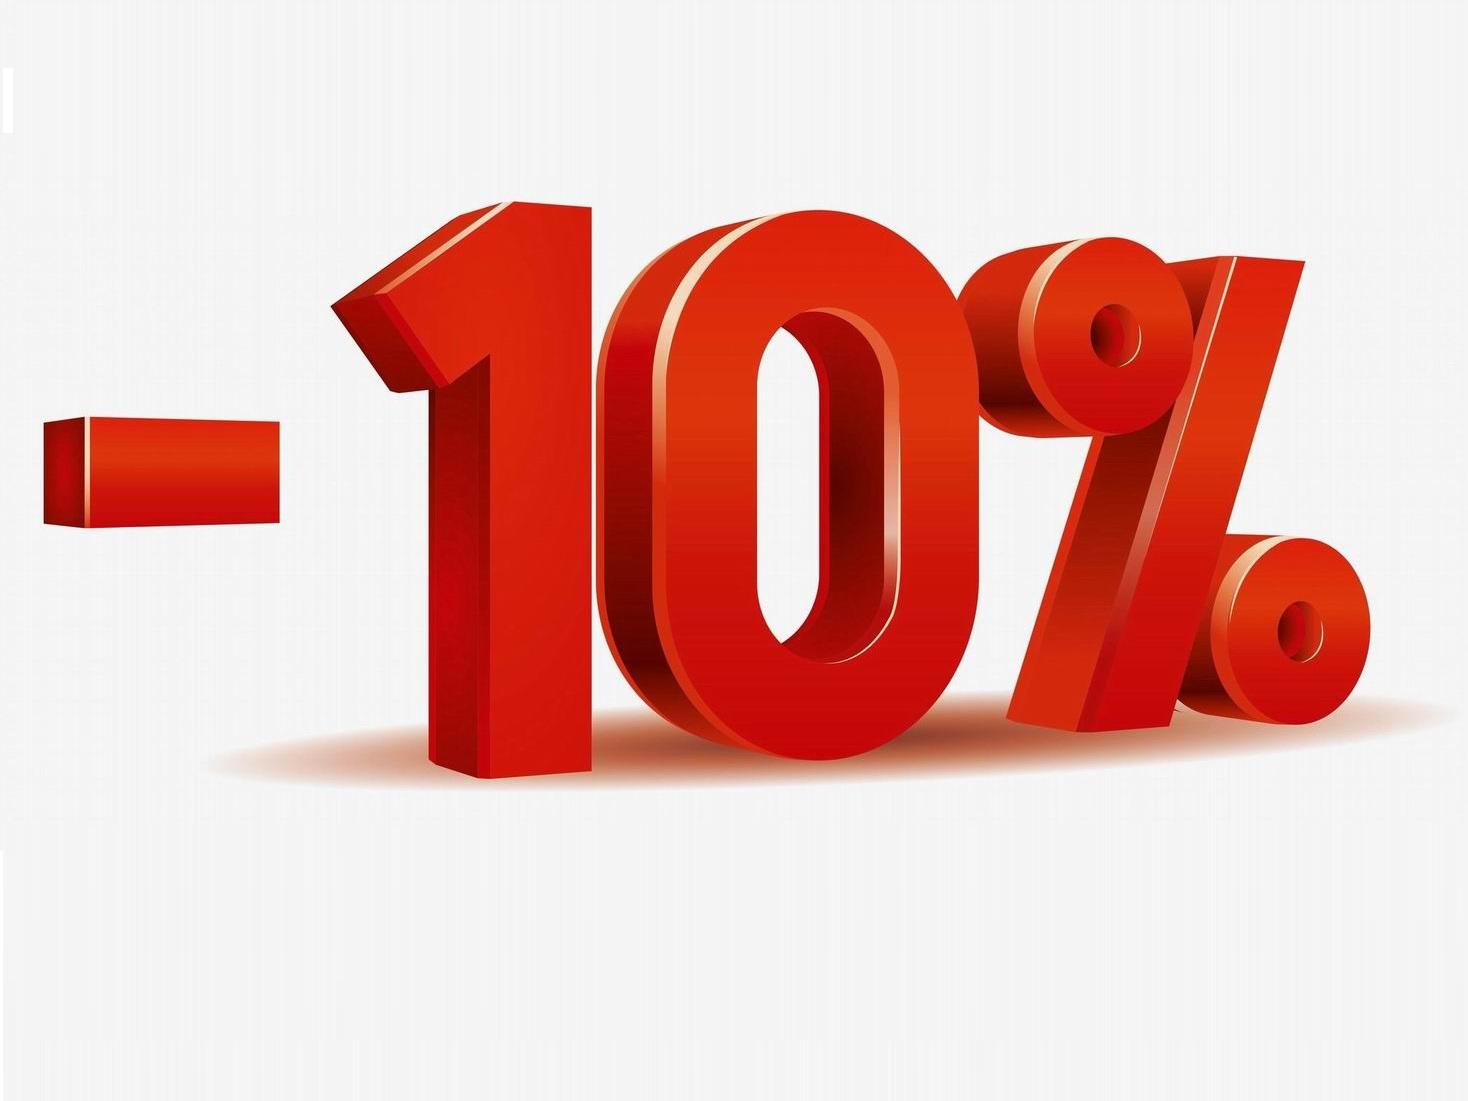 Už jen týden SLEVA 10% na první fázi!